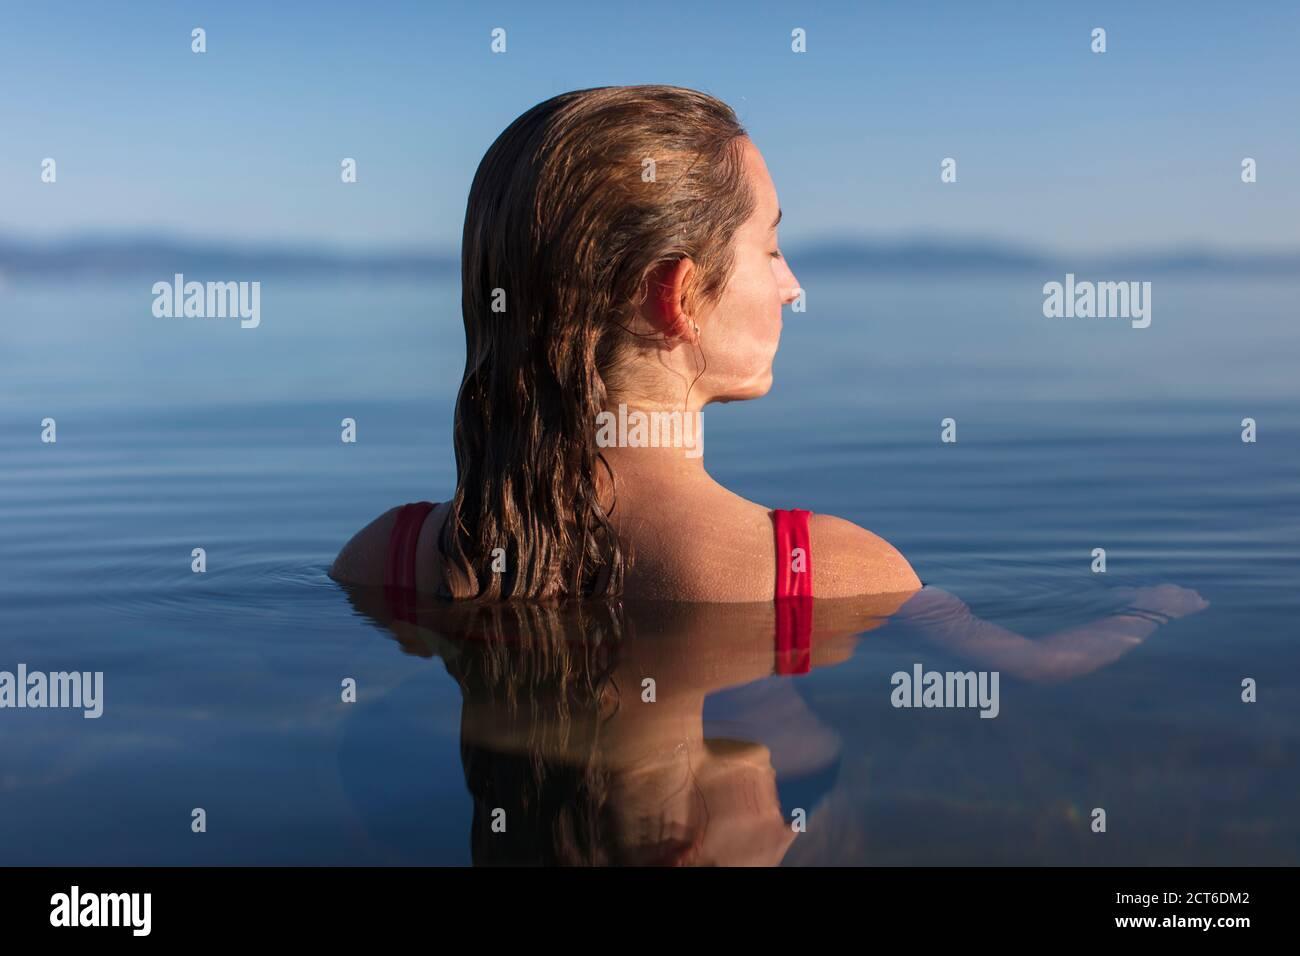 Una adolescente nadando en un lago, cabeza y hombros sobre el agua del lago al amanecer, los ojos cerrados Foto de stock